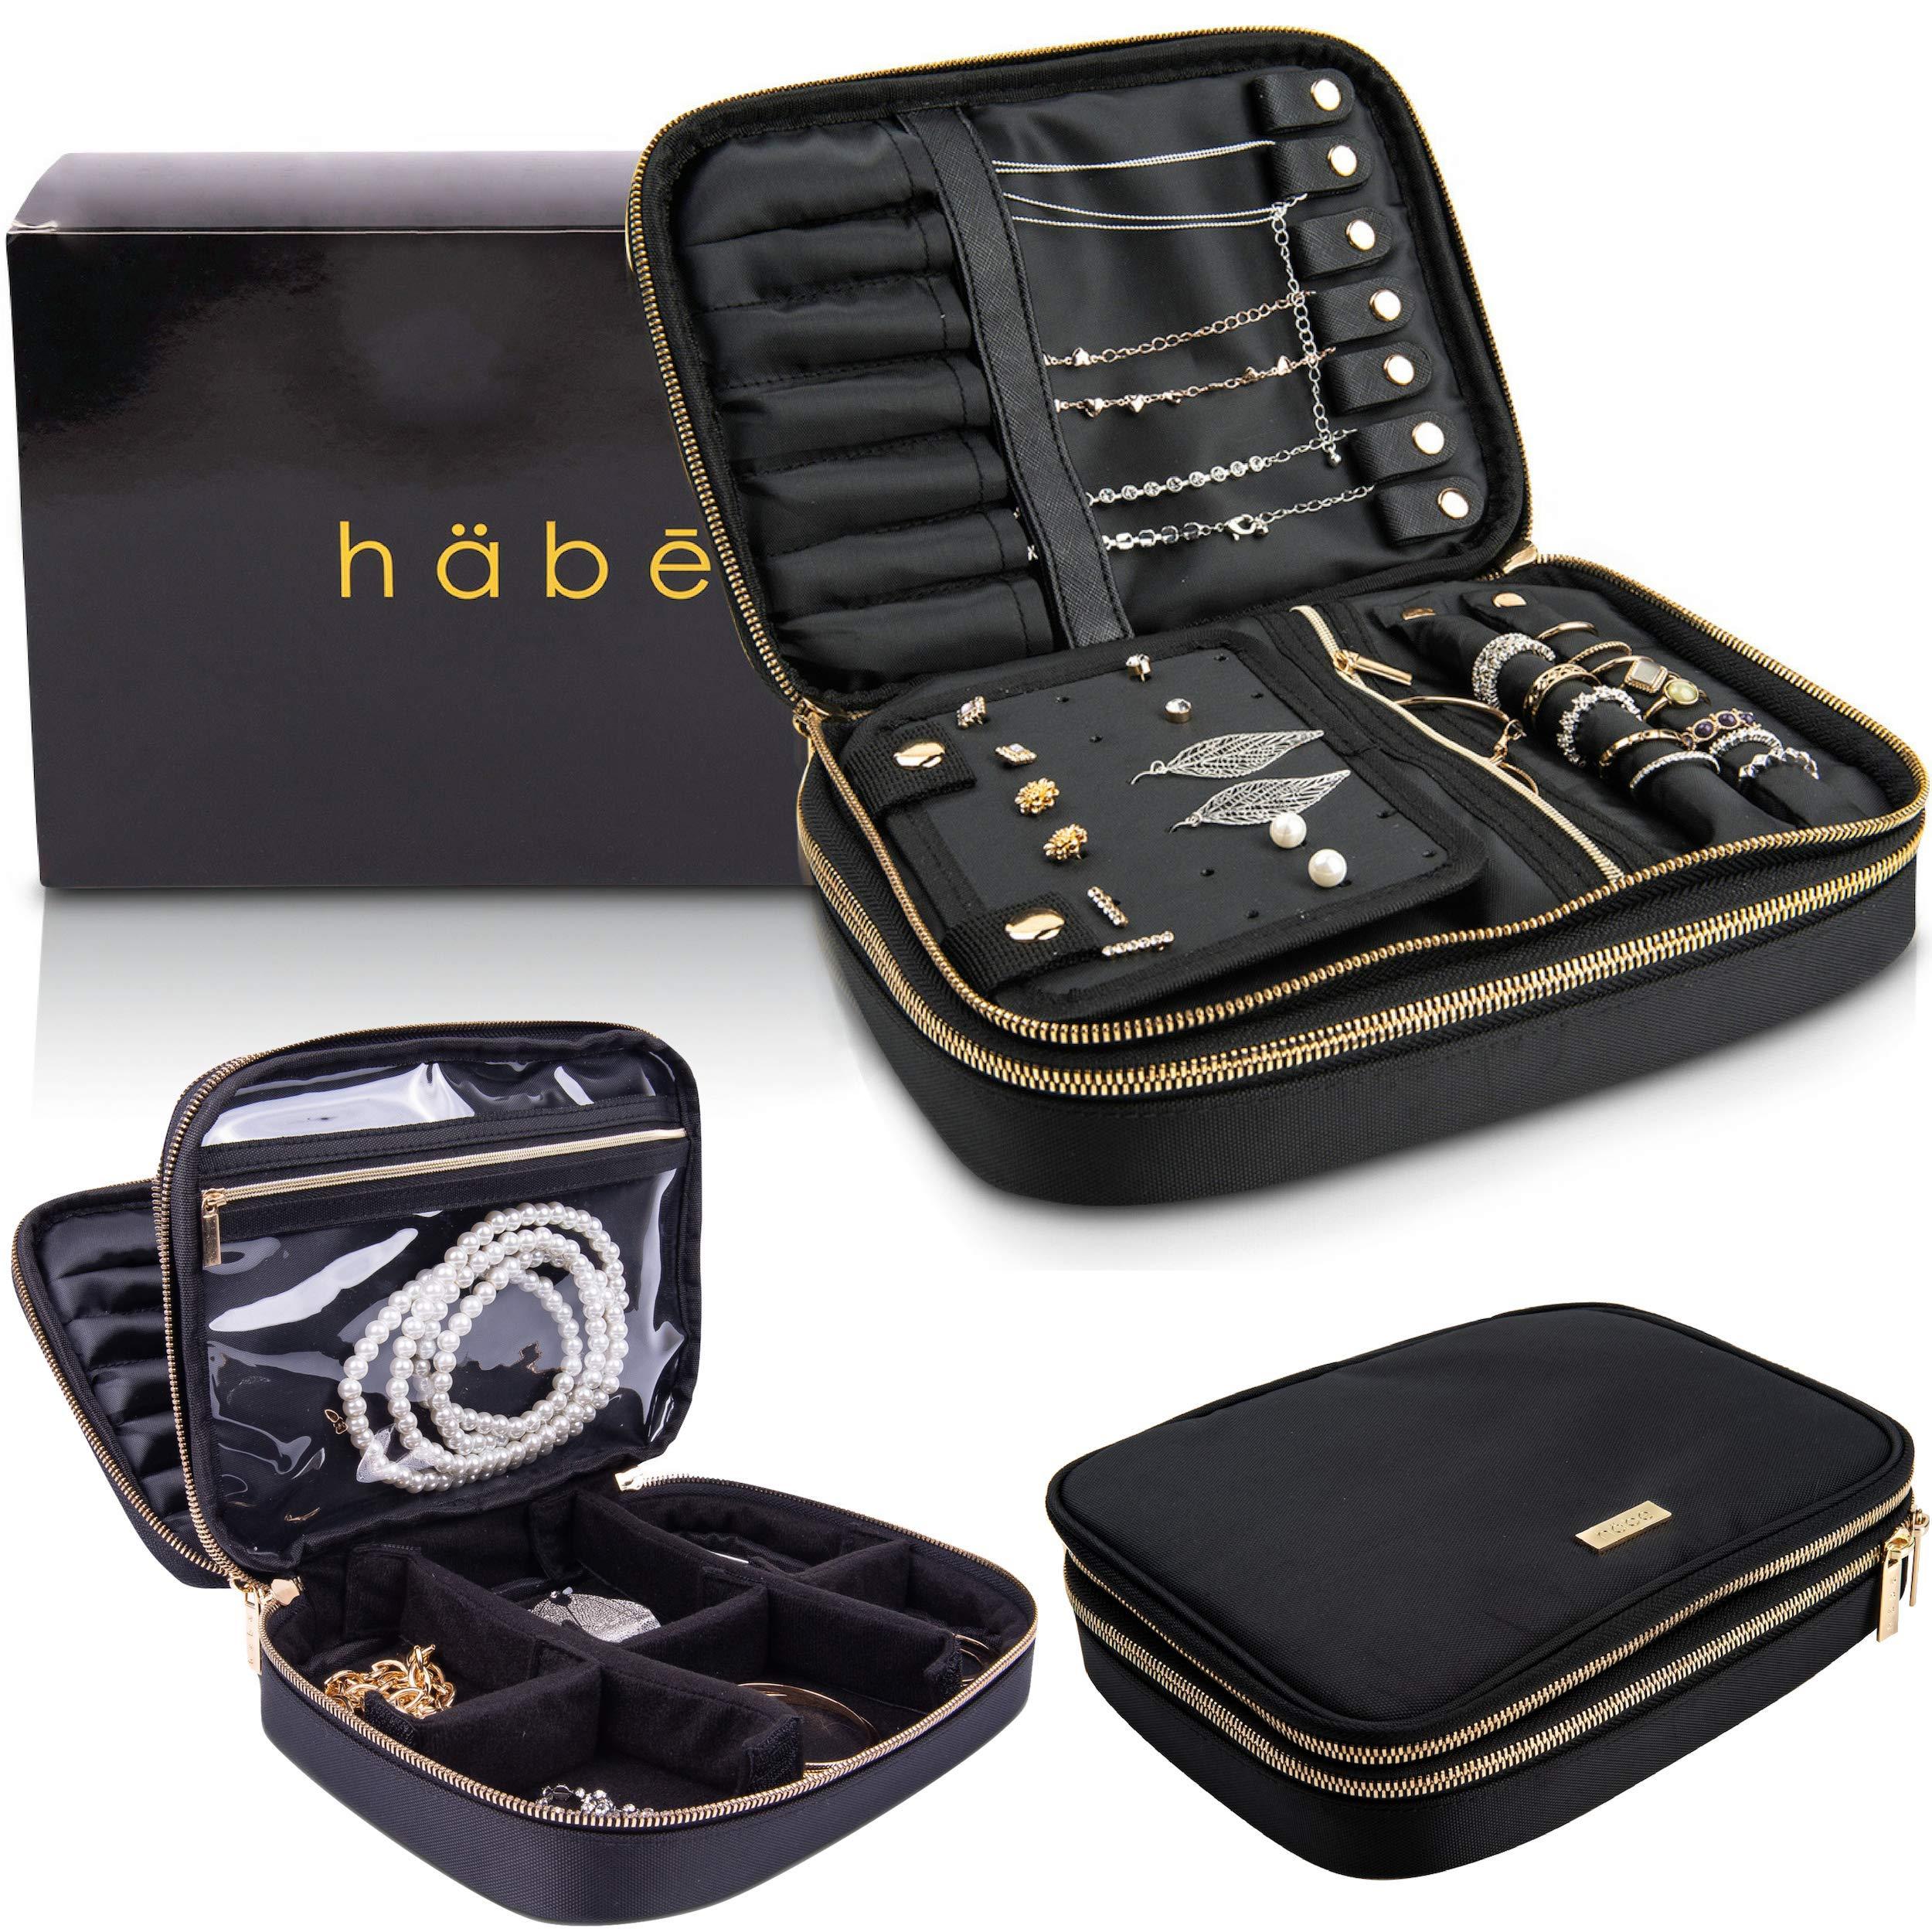 Habe旅行宝石類収納ボックス本当にもつれ省スペース宝石類収納袋小さな旅行宝石箱は*マルチ -  12ペアイヤリング、7ネックレス、調節可能分離層、大袋